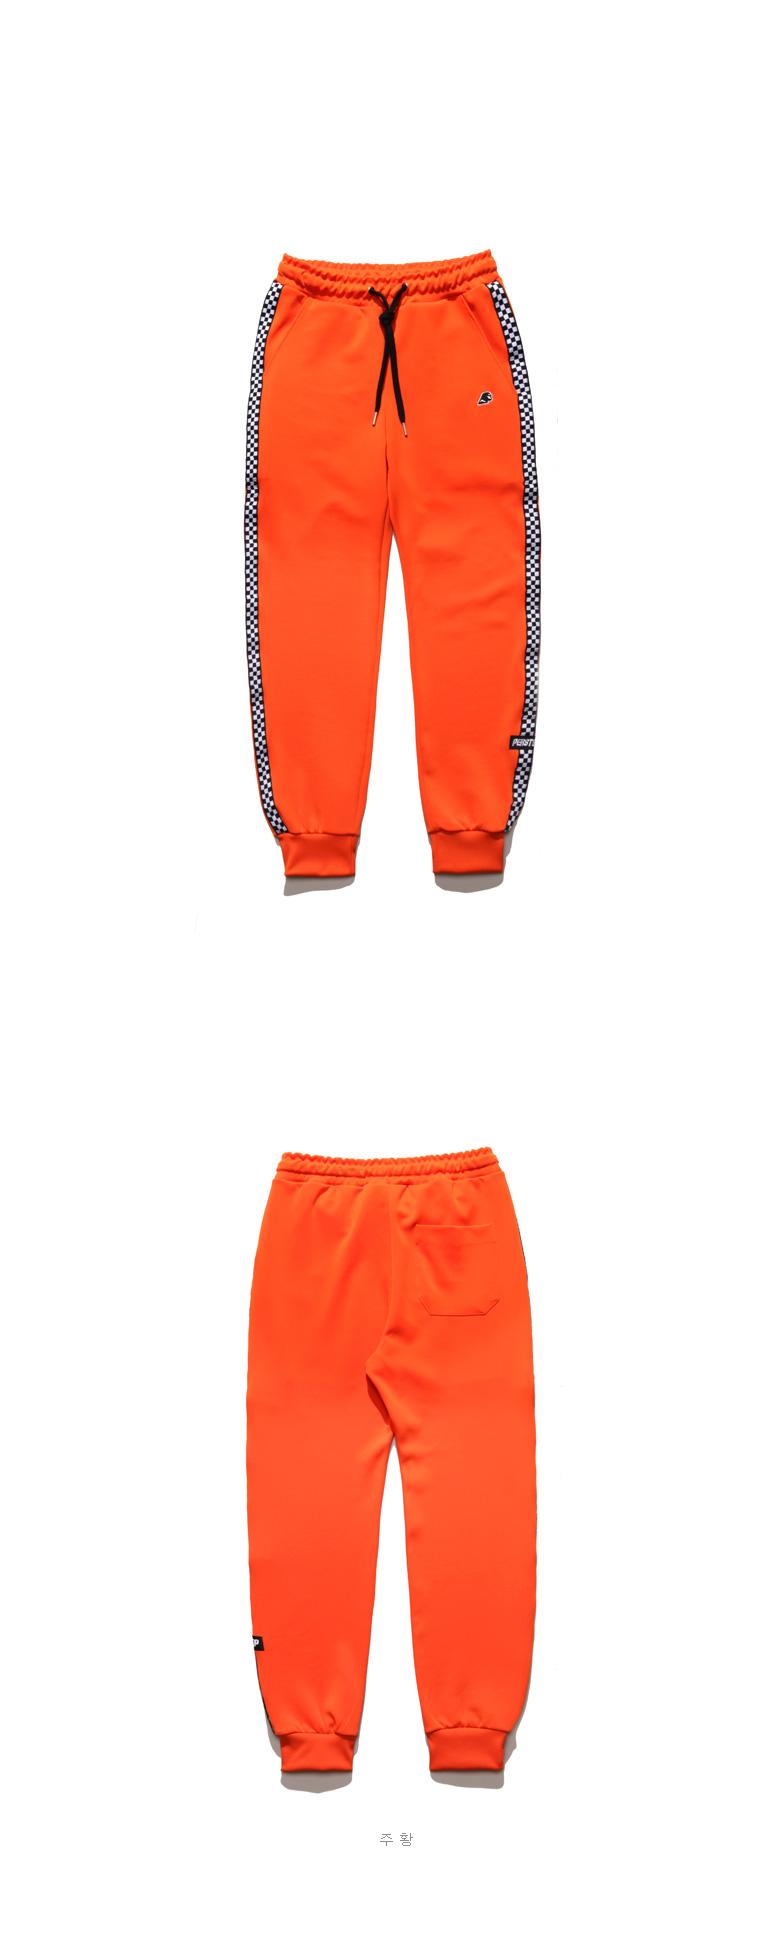 20180509_ps_funniest_pants_orange_uk_01.jpg